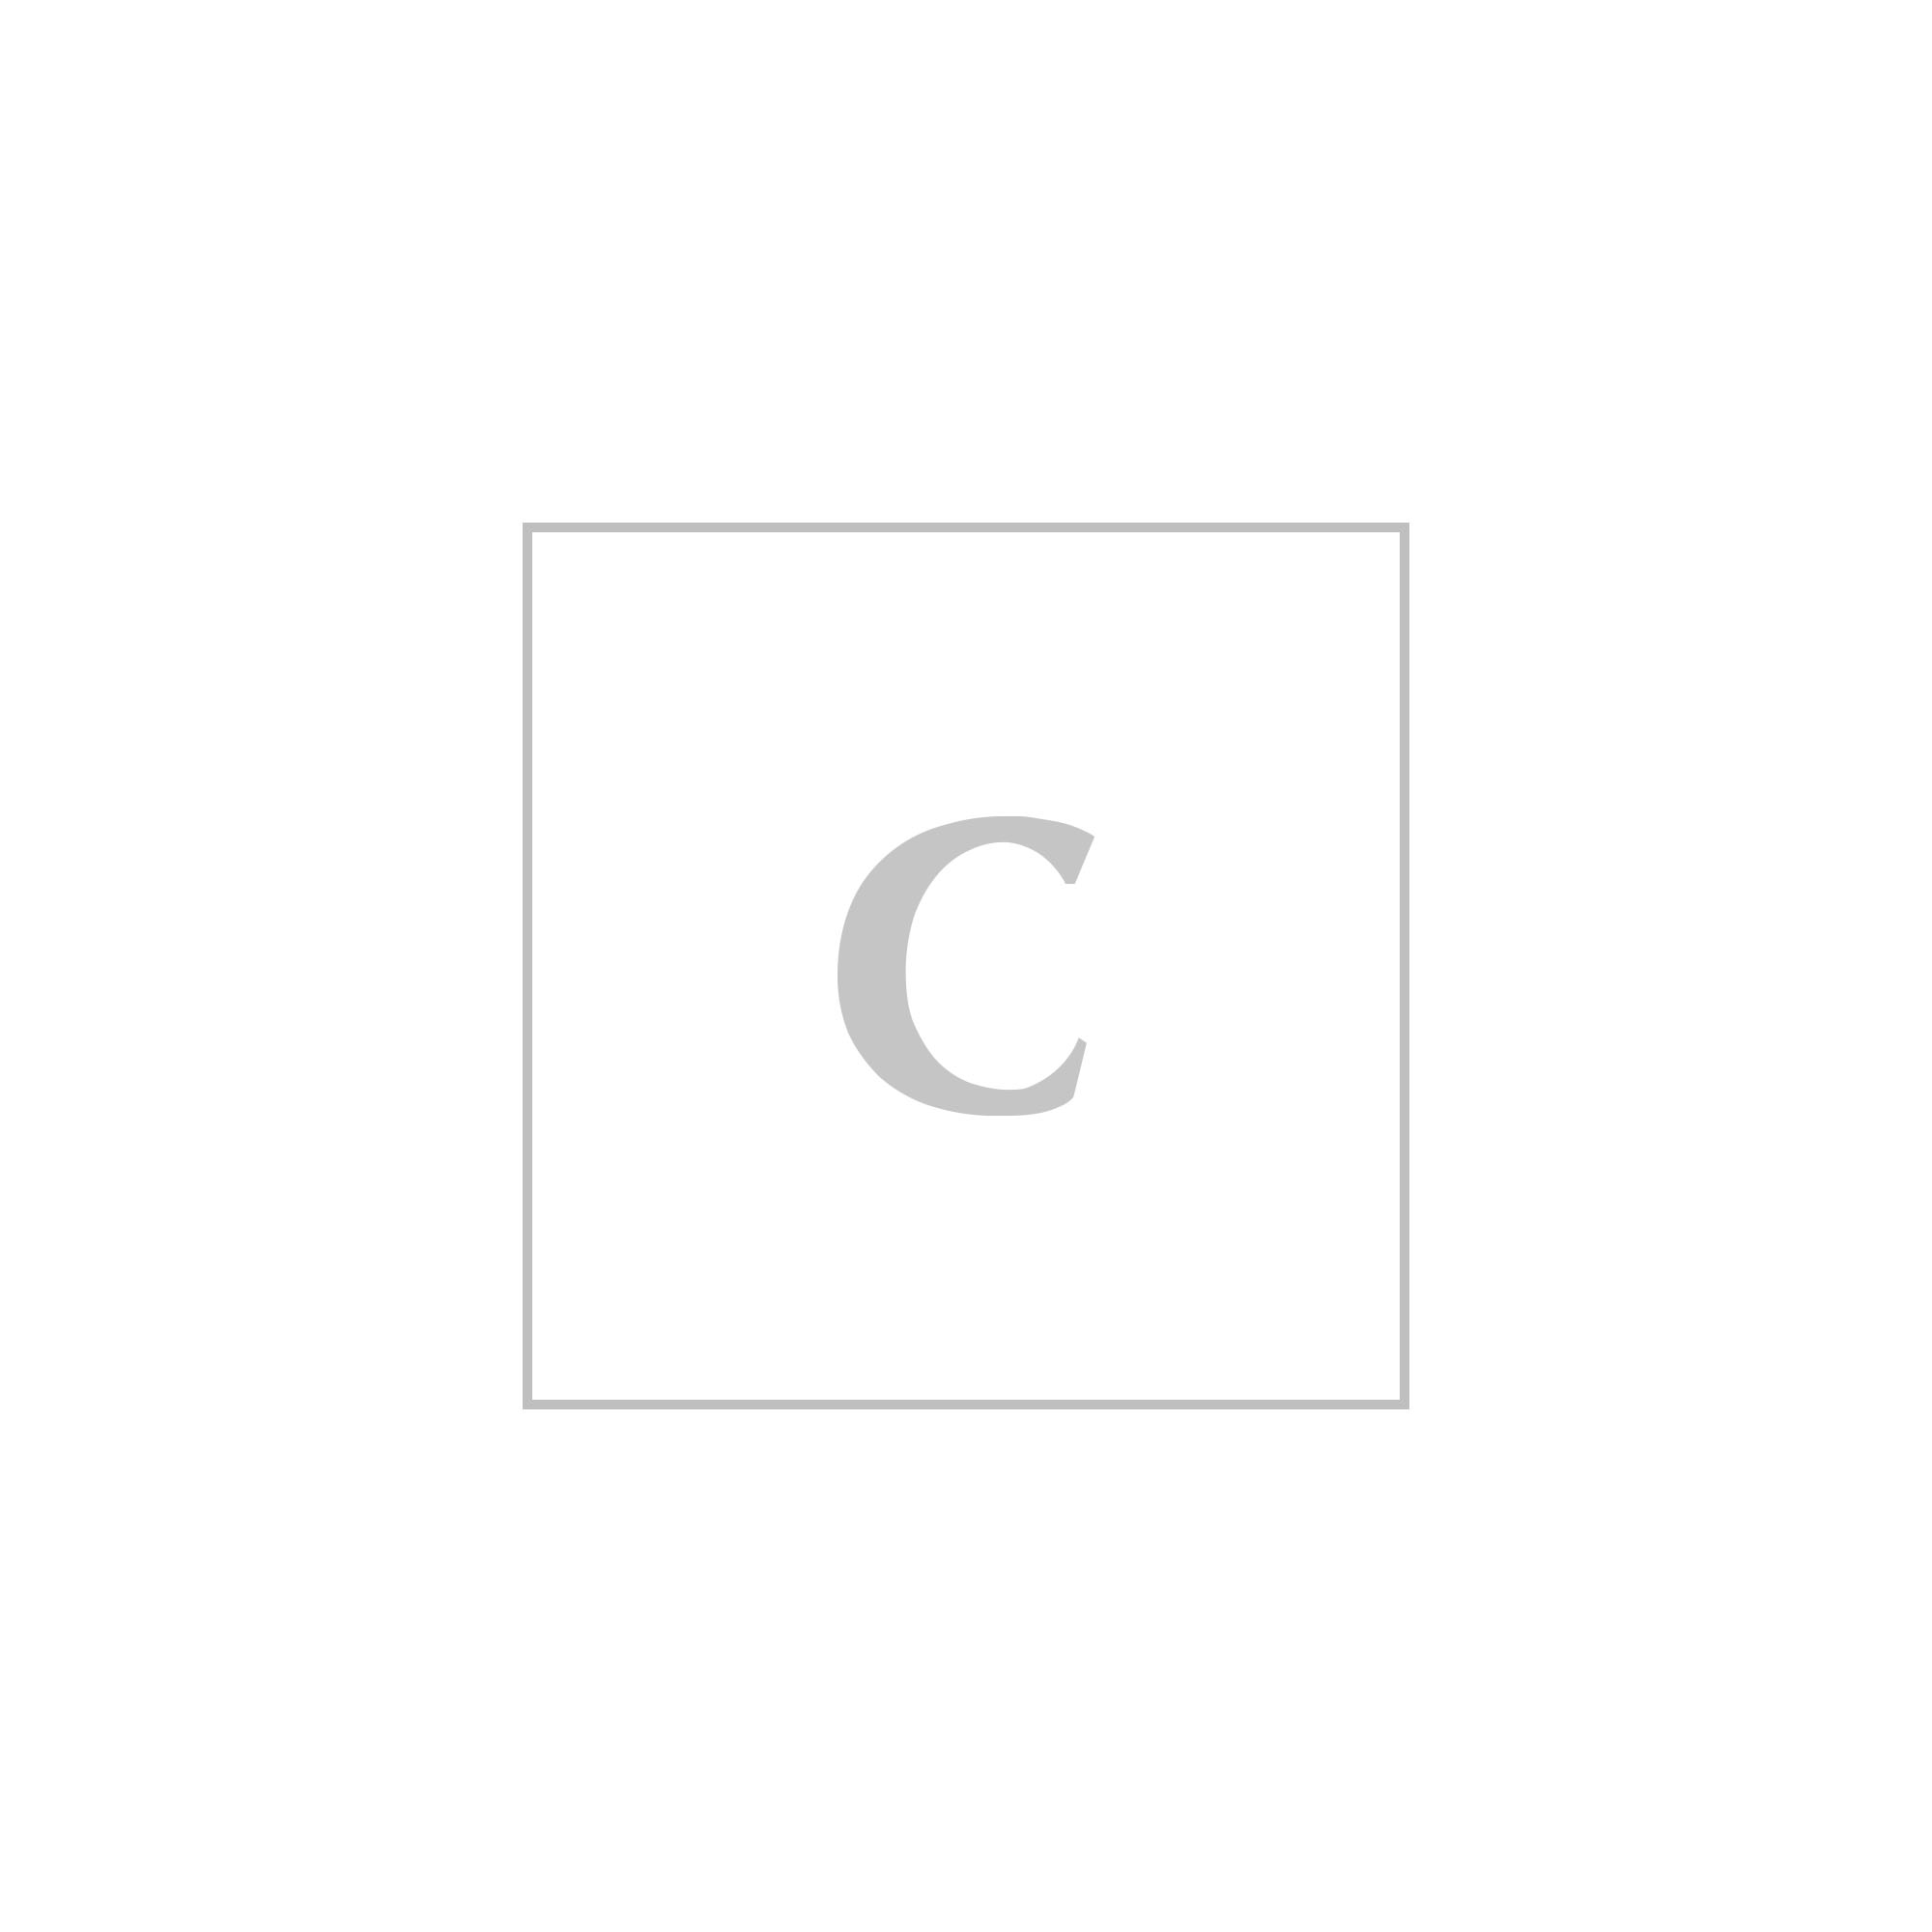 Fendi century calfskin bag bugs continental wallet